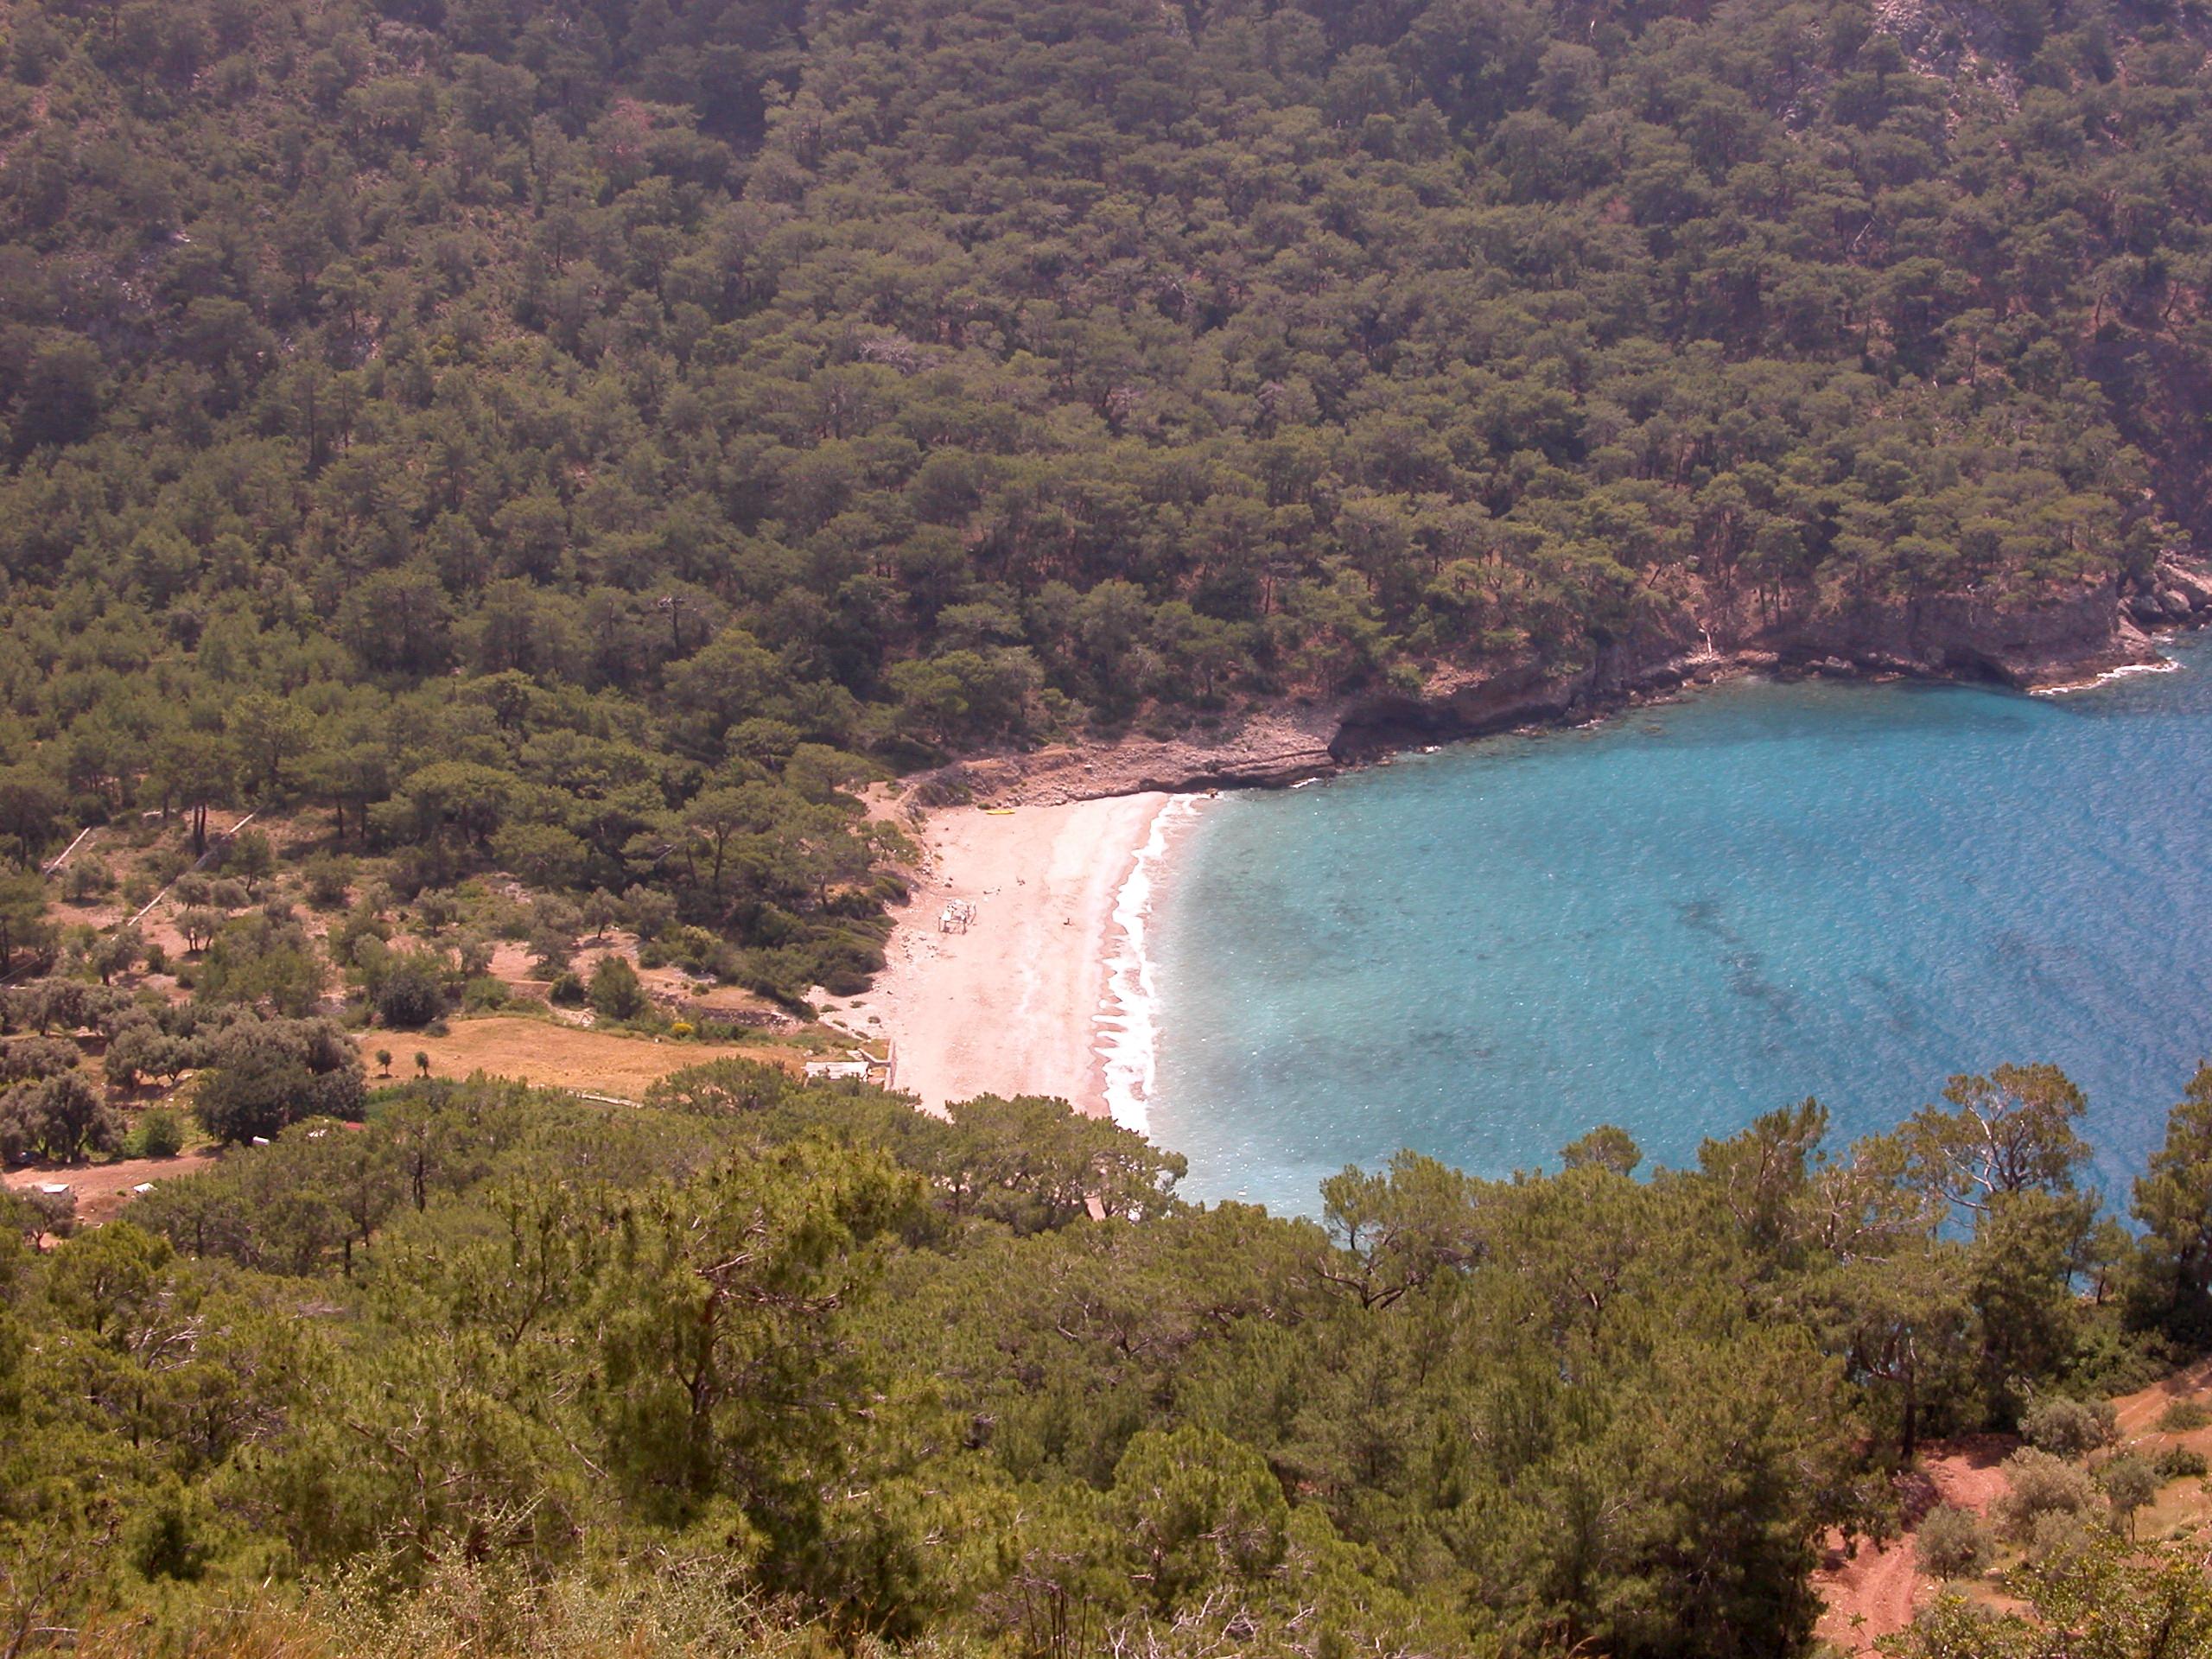 Appartement de vacances Luxurise Unterkunft und persnliches Ambiente in unzerstrter Natur (2124814), Fethiye, , Région Egéenne, Turquie, image 22